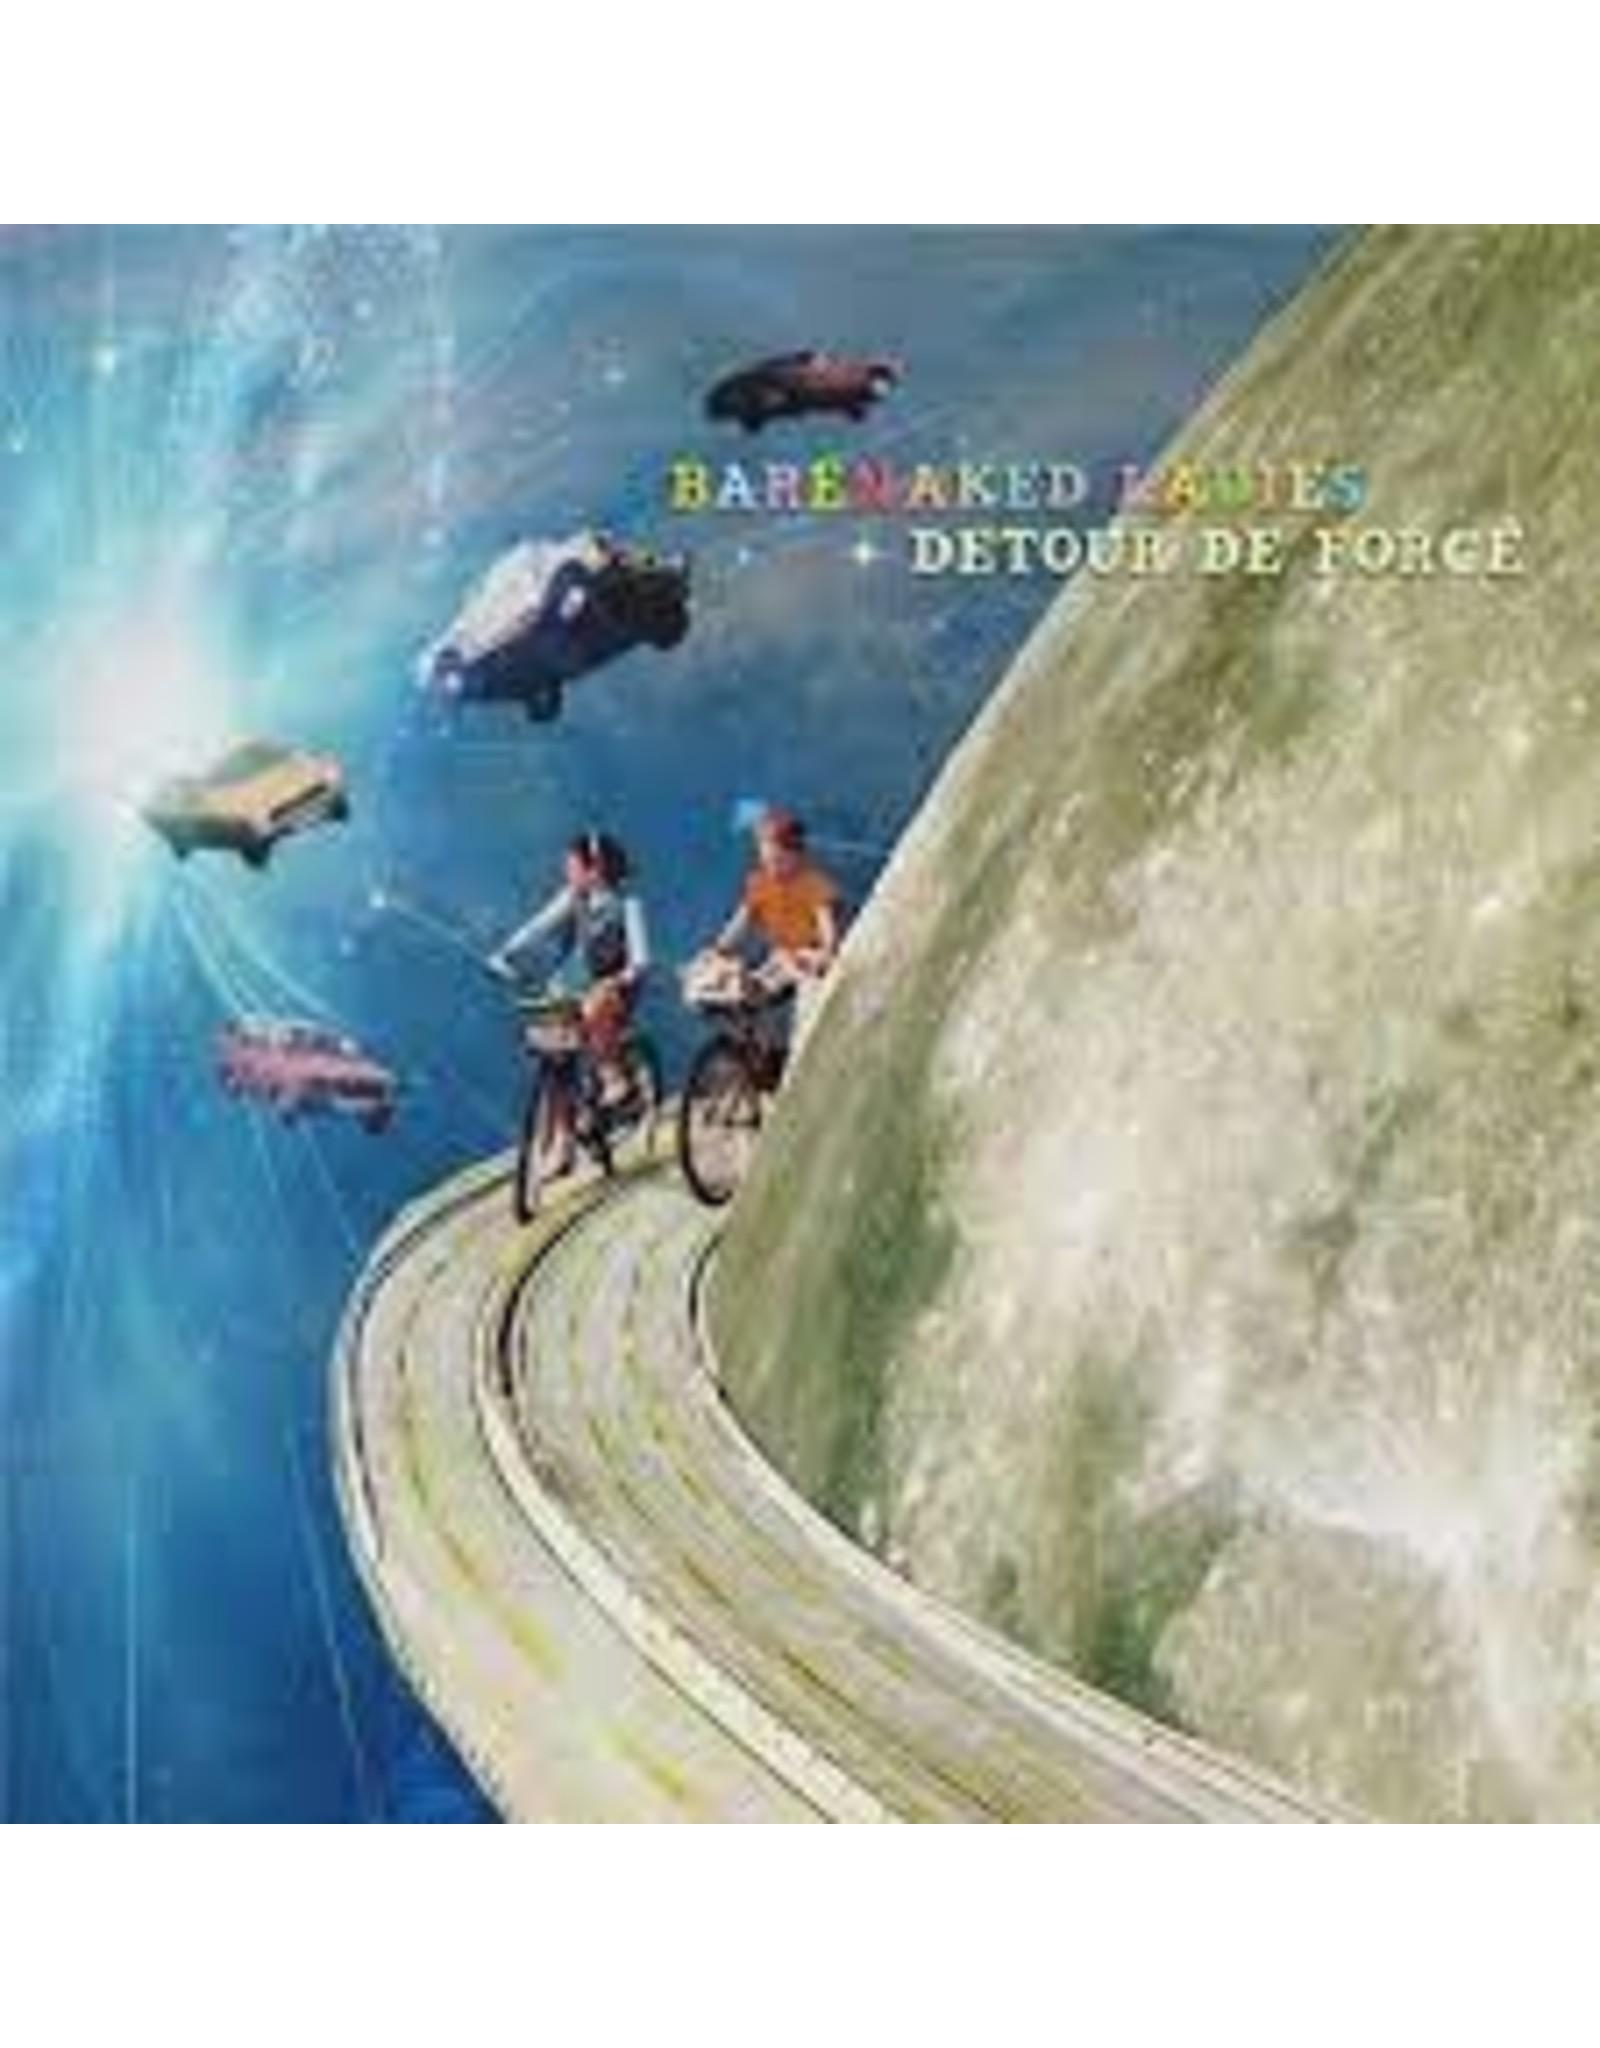 Barenaked Ladies - Detour De Force LP